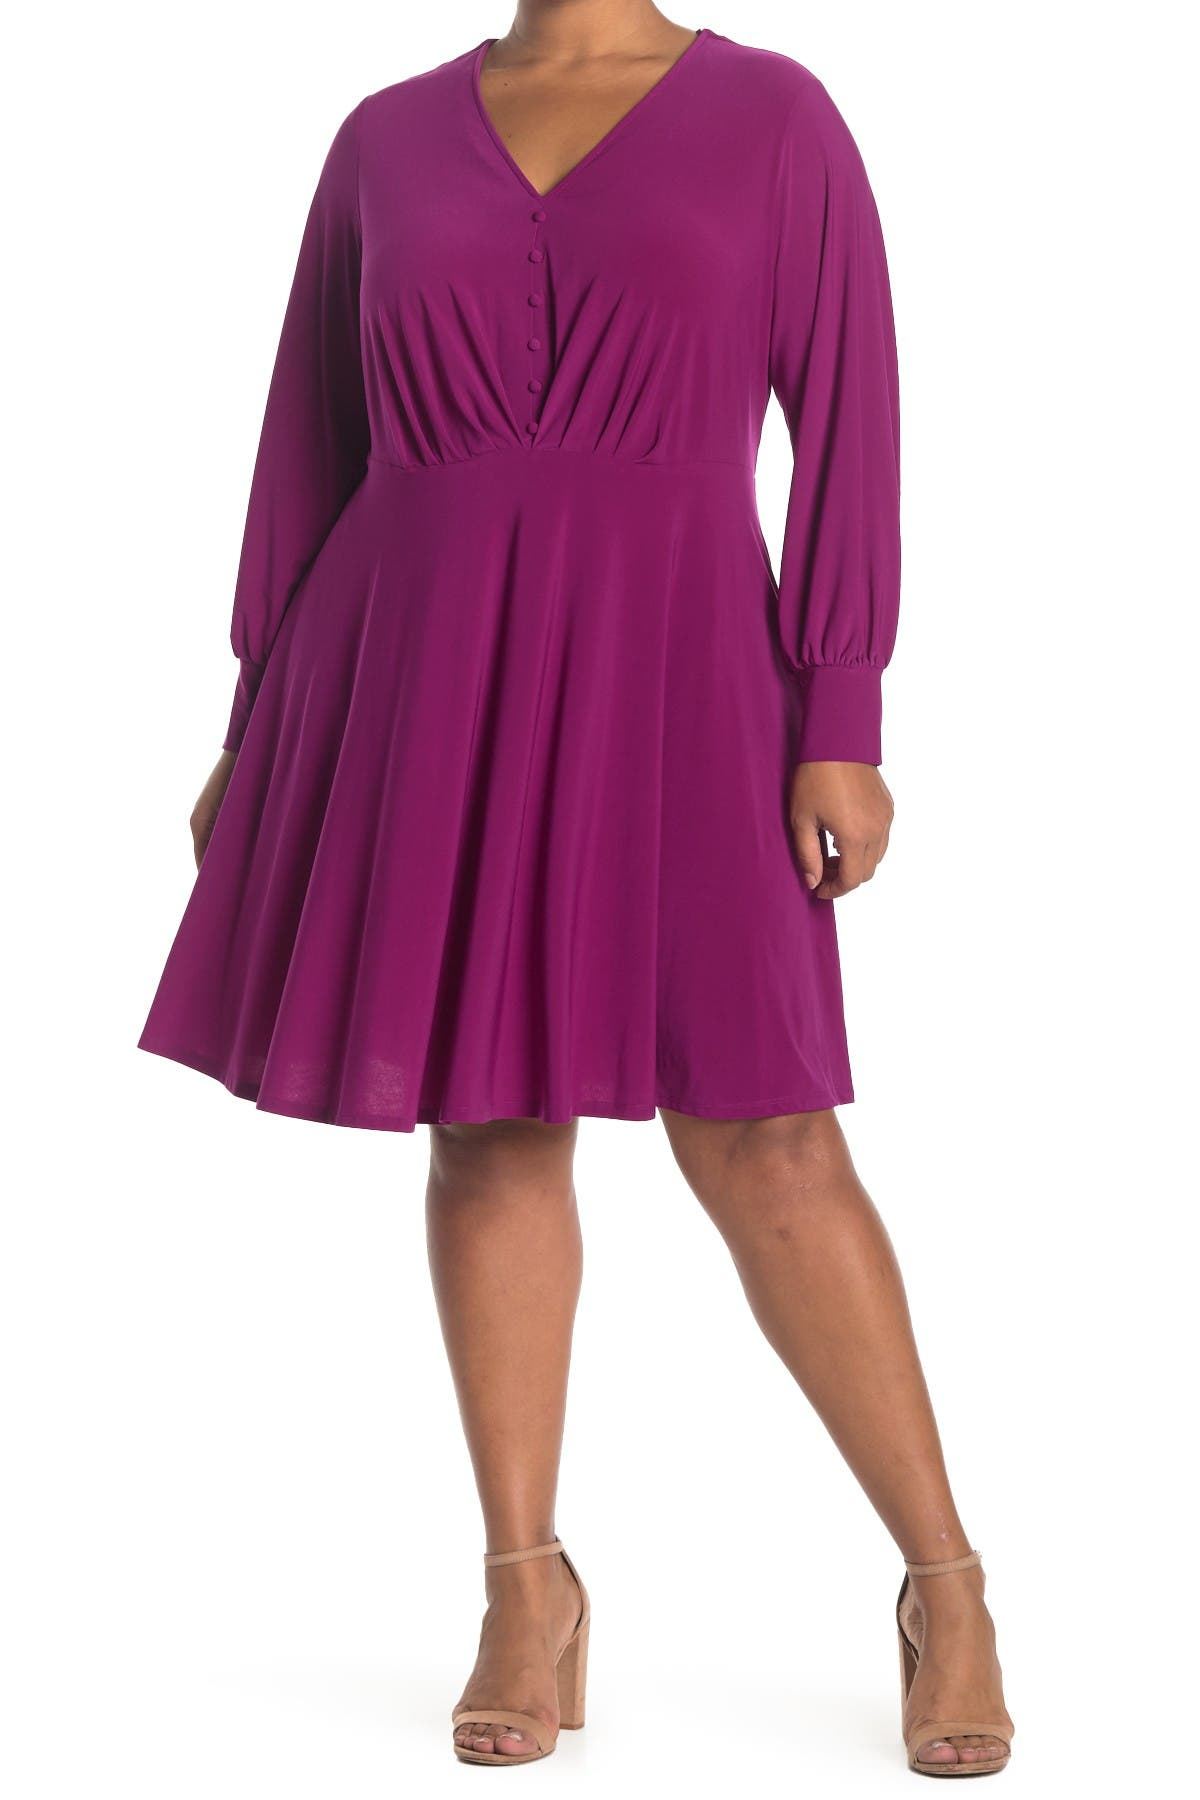 TASH + SOPHIE Button Front Fit & Flare Dress at Nordstrom Rack